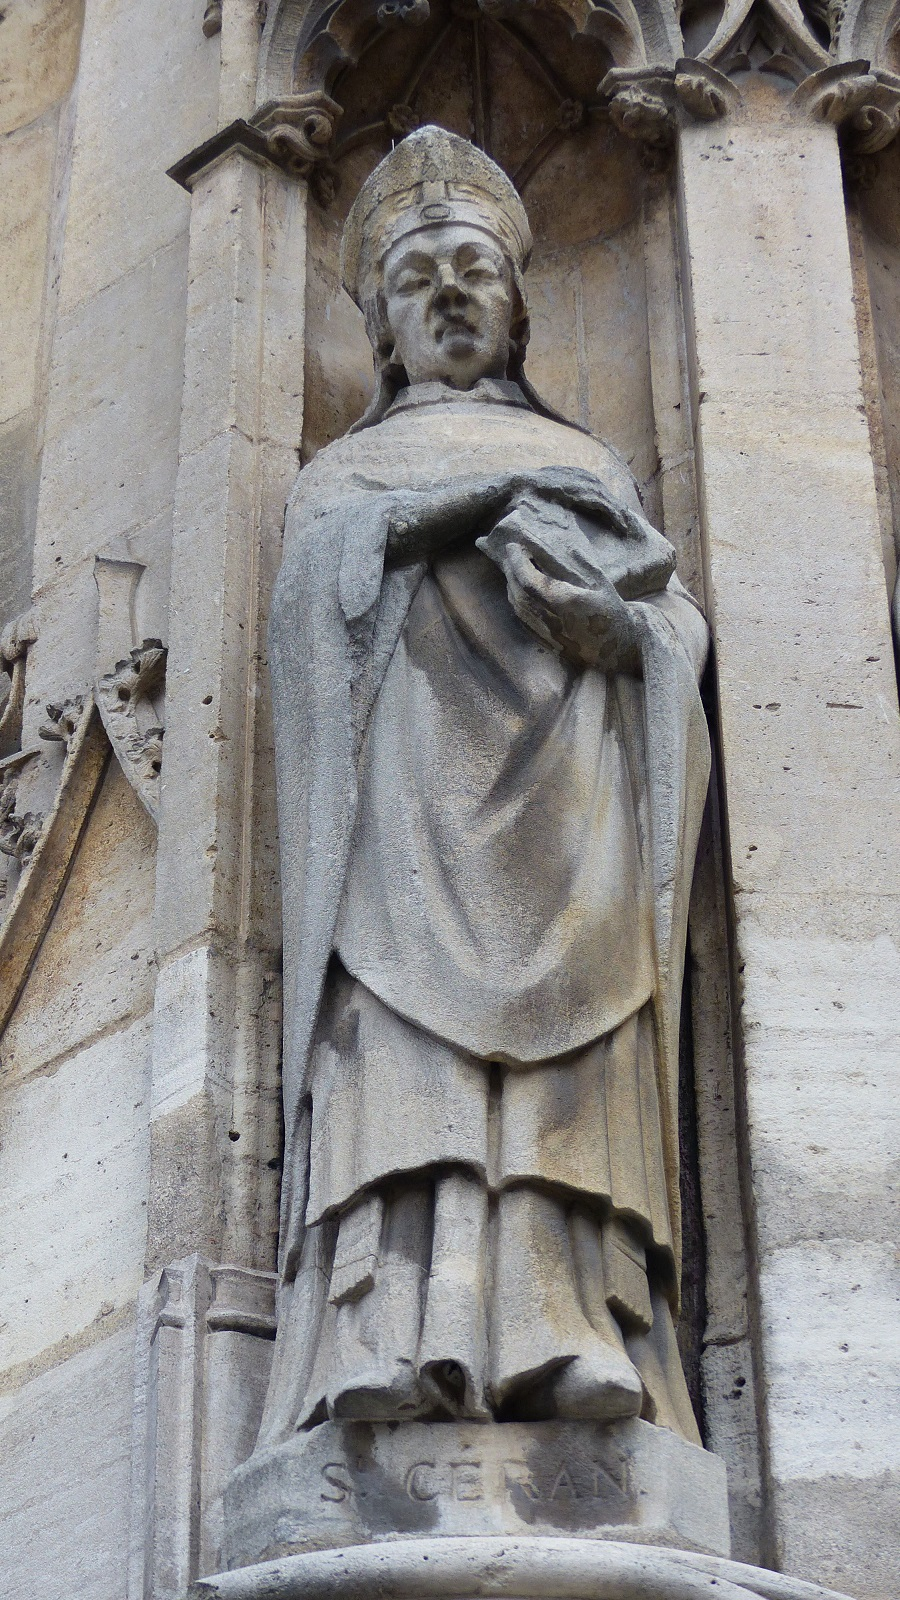 Saint Céran